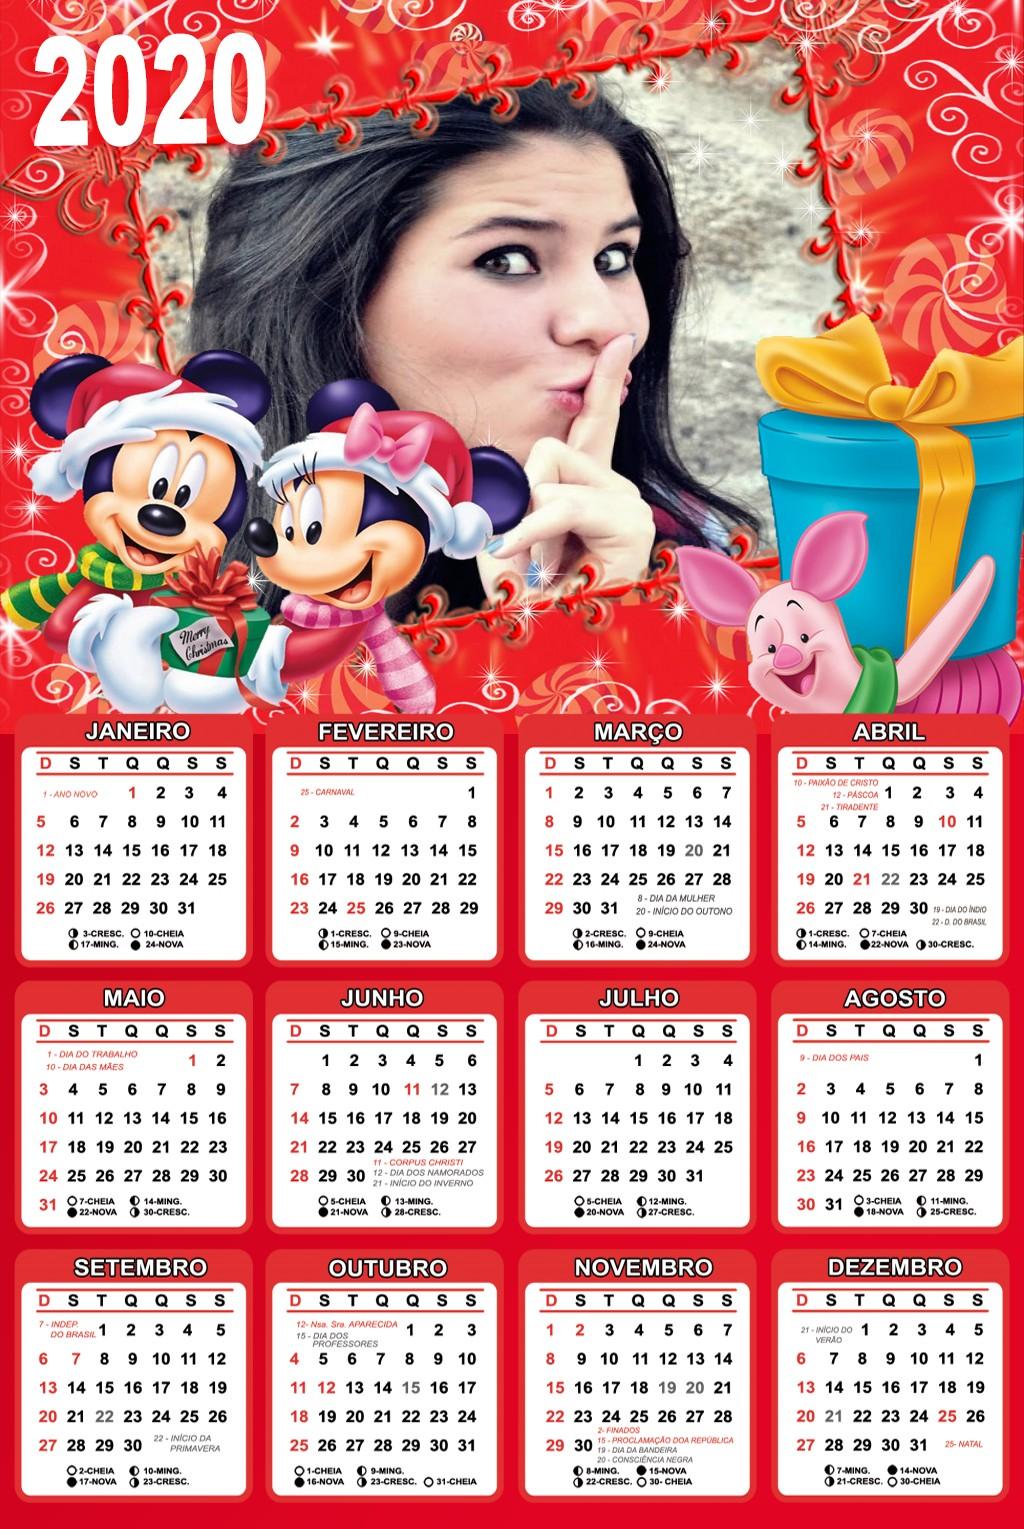 fotomontagem-calendario-2020-disney-com-mickey-e-minnie-feliz-natal